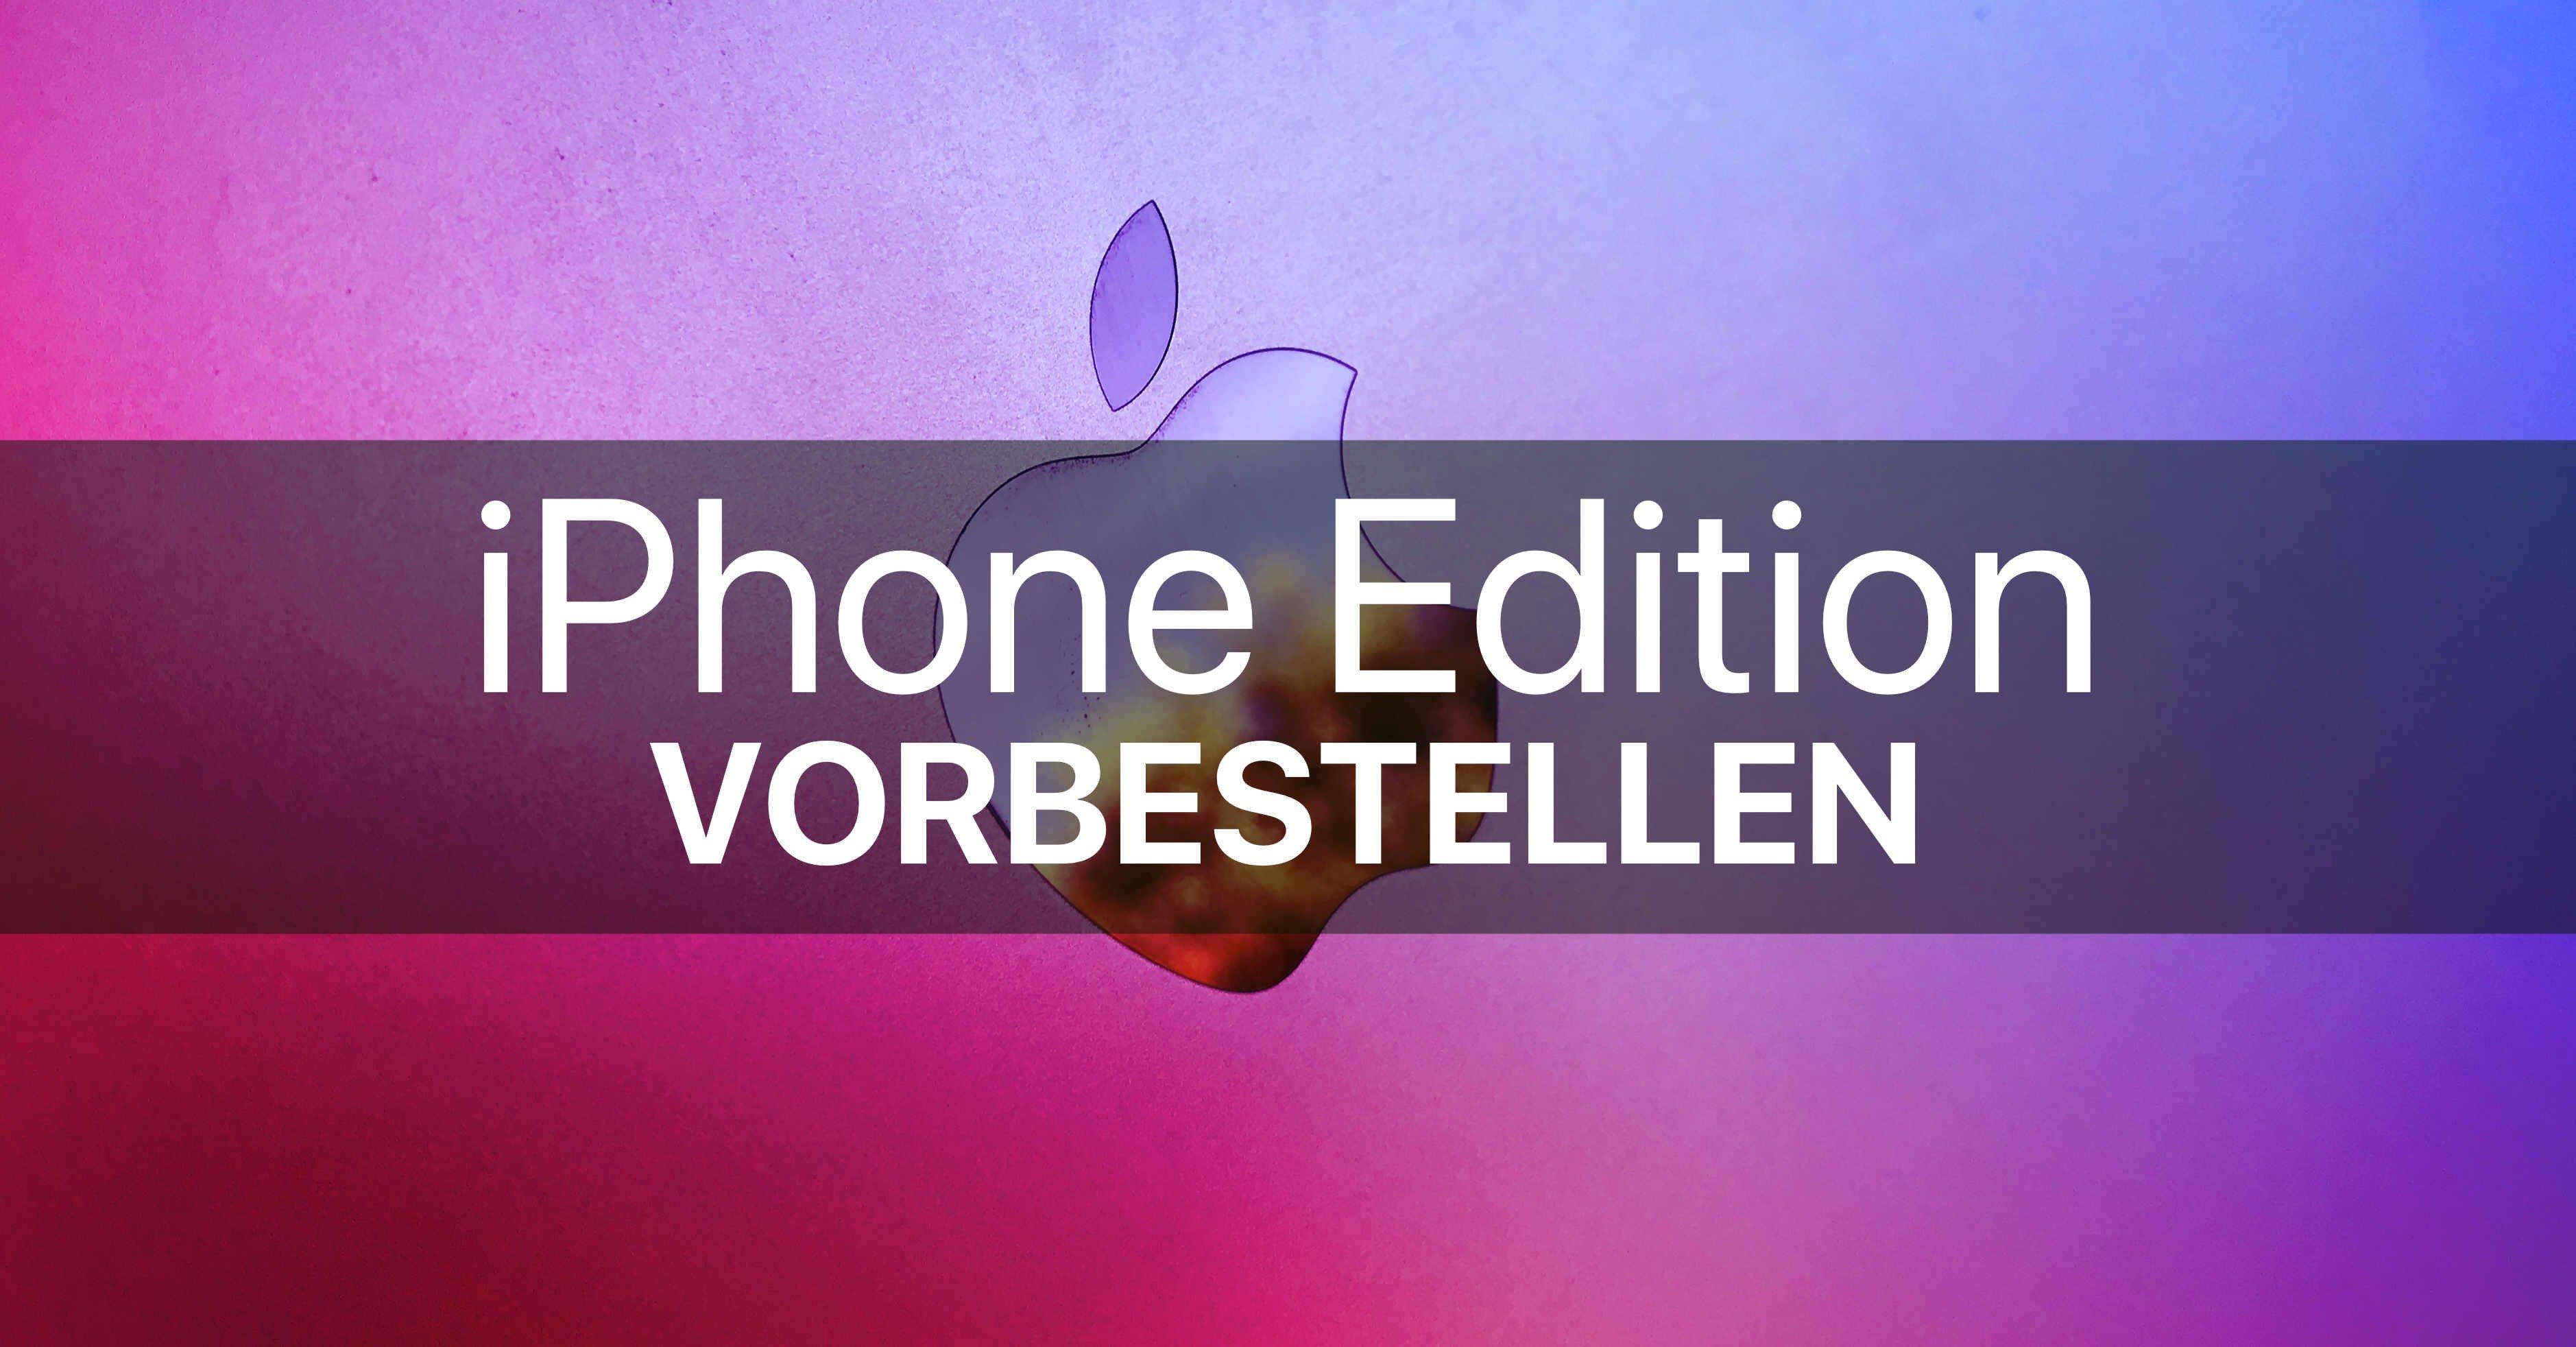 iPhone Edition vorbestellen kaufen 1